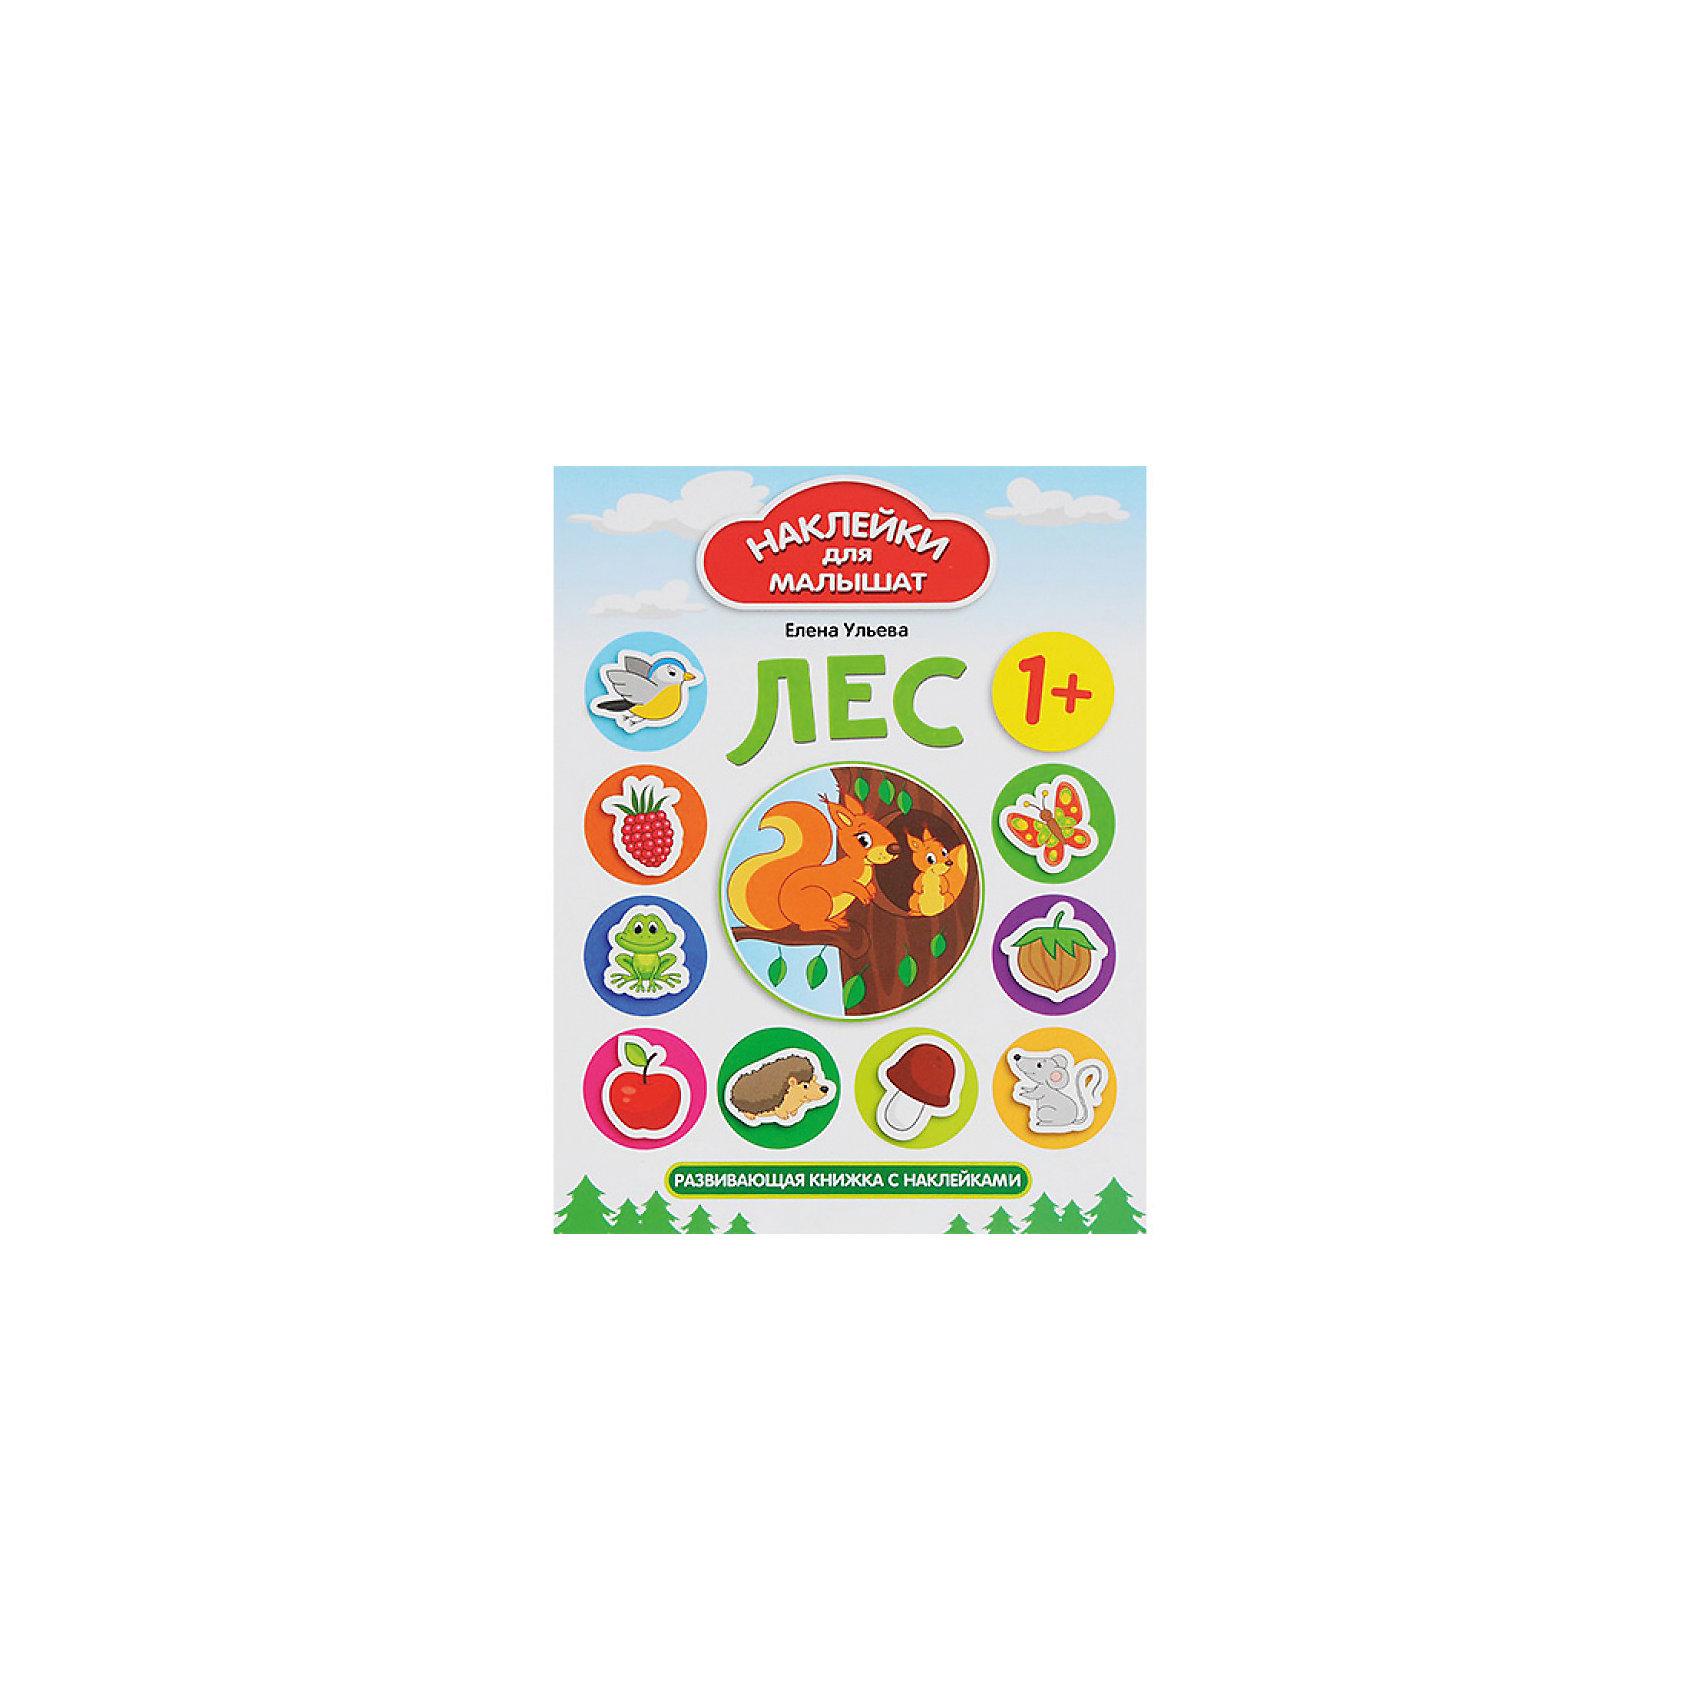 Комплект наклеек для малышей  Лес+ ДеревняКнижки с наклейками<br>Характеристики:<br><br>• ISBN: 978-5-222-27743-0;<br>• ISBN: 978-5-222-27742-3;<br>• возраст: от 1 года;<br>• формат: 84х108/16;<br>• бумага: мелованная;<br>• тип обложки: мягкий переплет (крепление скрепкой или клеем);<br>• иллюстрации: цветные;<br>• серия: Наклейки для малышат;<br>• издательство: Феникс, 2017 г.;<br>• автор: Ульева Елена Александровна;<br>• художник: Таширова Юлия;<br>• количество страниц в книге: 8;<br>• размеры книги: 26х20х0,2 см;<br>• масса книги: 58 г.<br><br>В набор «Наклейки для малышей. Лес + Деревня» входит 2 книжки: <br><br>• «Лес: развивающая книжка с наклейками»;<br>• «Деревня: развивающая книжка с наклейками».<br><br>Яркие тематические книжки для занятий с малышами помогут познакомить мальчиков и девочек с понятиями большой-маленький, высокий-низкий, а также выучить домашних и диких животных, цифры, цвета и фигуры.<br><br>В каждой книге есть красочные наклейки для выполнения заданий. <br><br>Издание удобного формата можно взять с собой на отдых.<br><br>Набор книг «Наклейки для малышей. Лес + Деревня», Ульева Елена Александровна, Феникс, можно купить в нашем интернет-магазине.<br><br>Ширина мм: 260<br>Глубина мм: 201<br>Высота мм: 20<br>Вес г: 354<br>Возраст от месяцев: 12<br>Возраст до месяцев: 2147483647<br>Пол: Унисекс<br>Возраст: Детский<br>SKU: 6873666